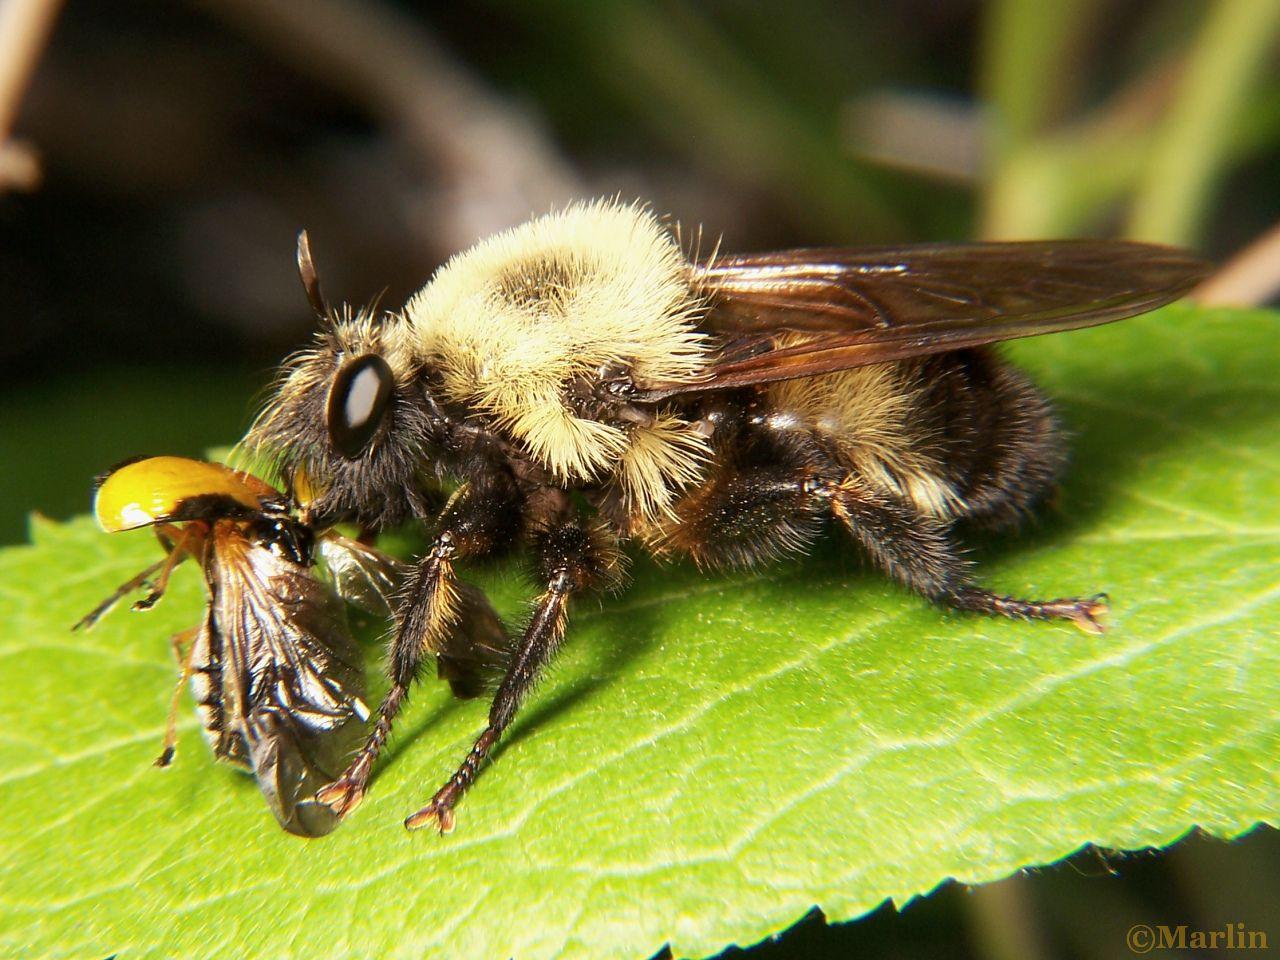 Female Robber Fly, Laphria grossa